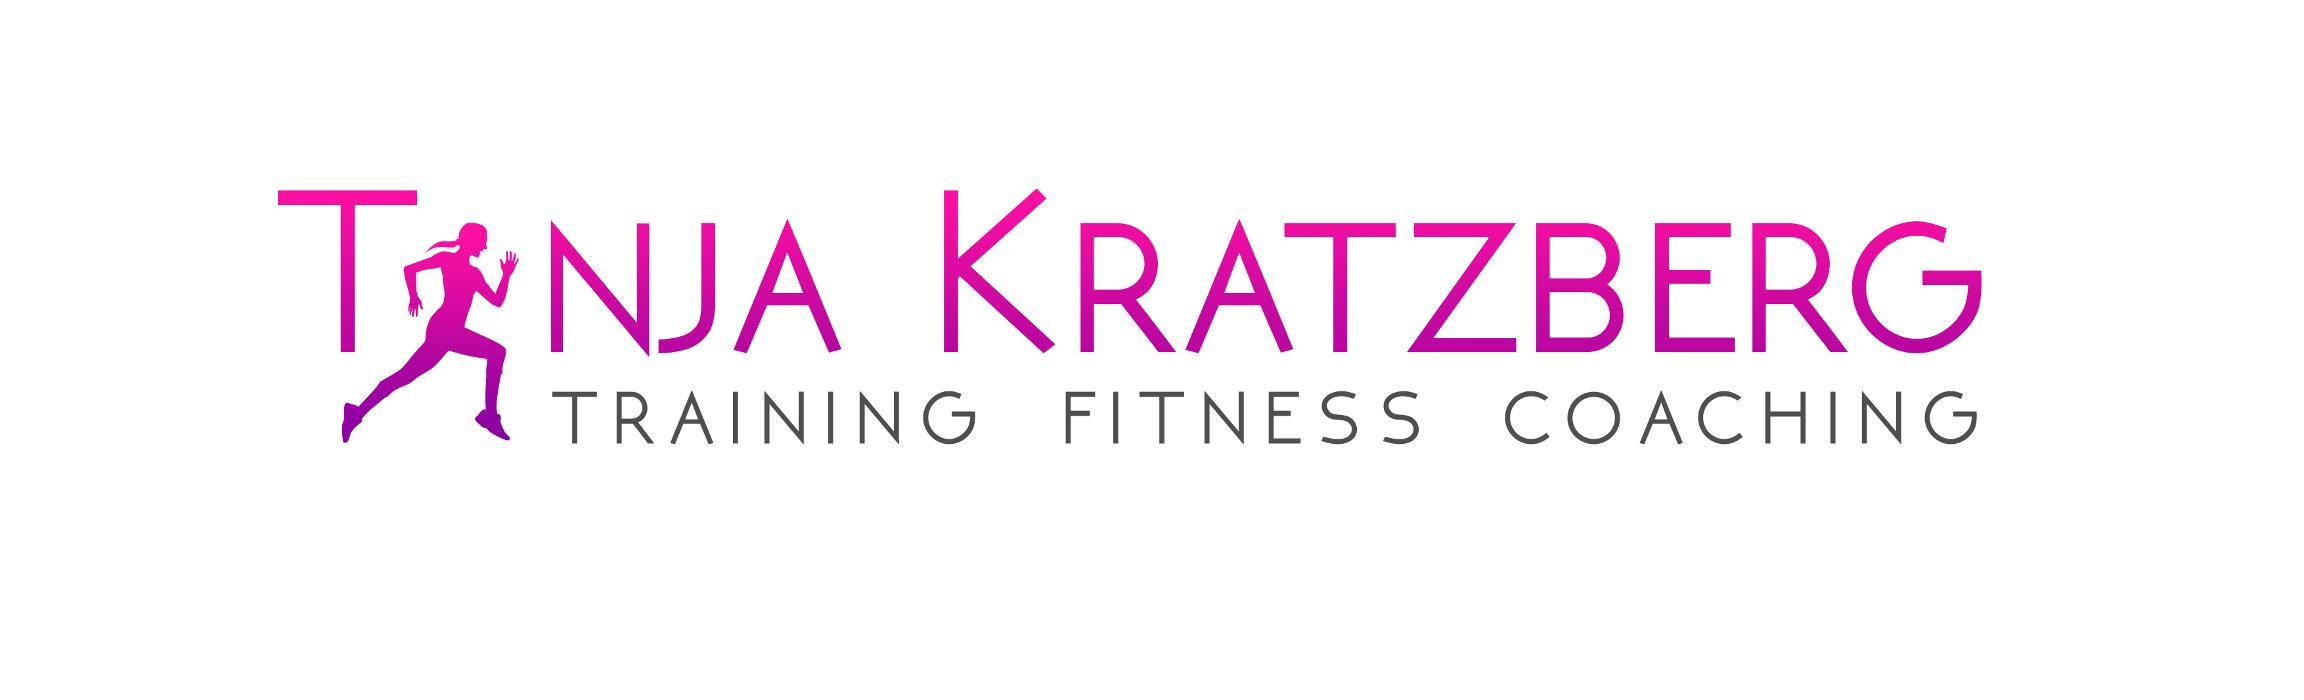 Bild zu Tanja Kratzberg Training, Fitness, Caching & Personalisierte Ernährungsberatung in Wiesbaden